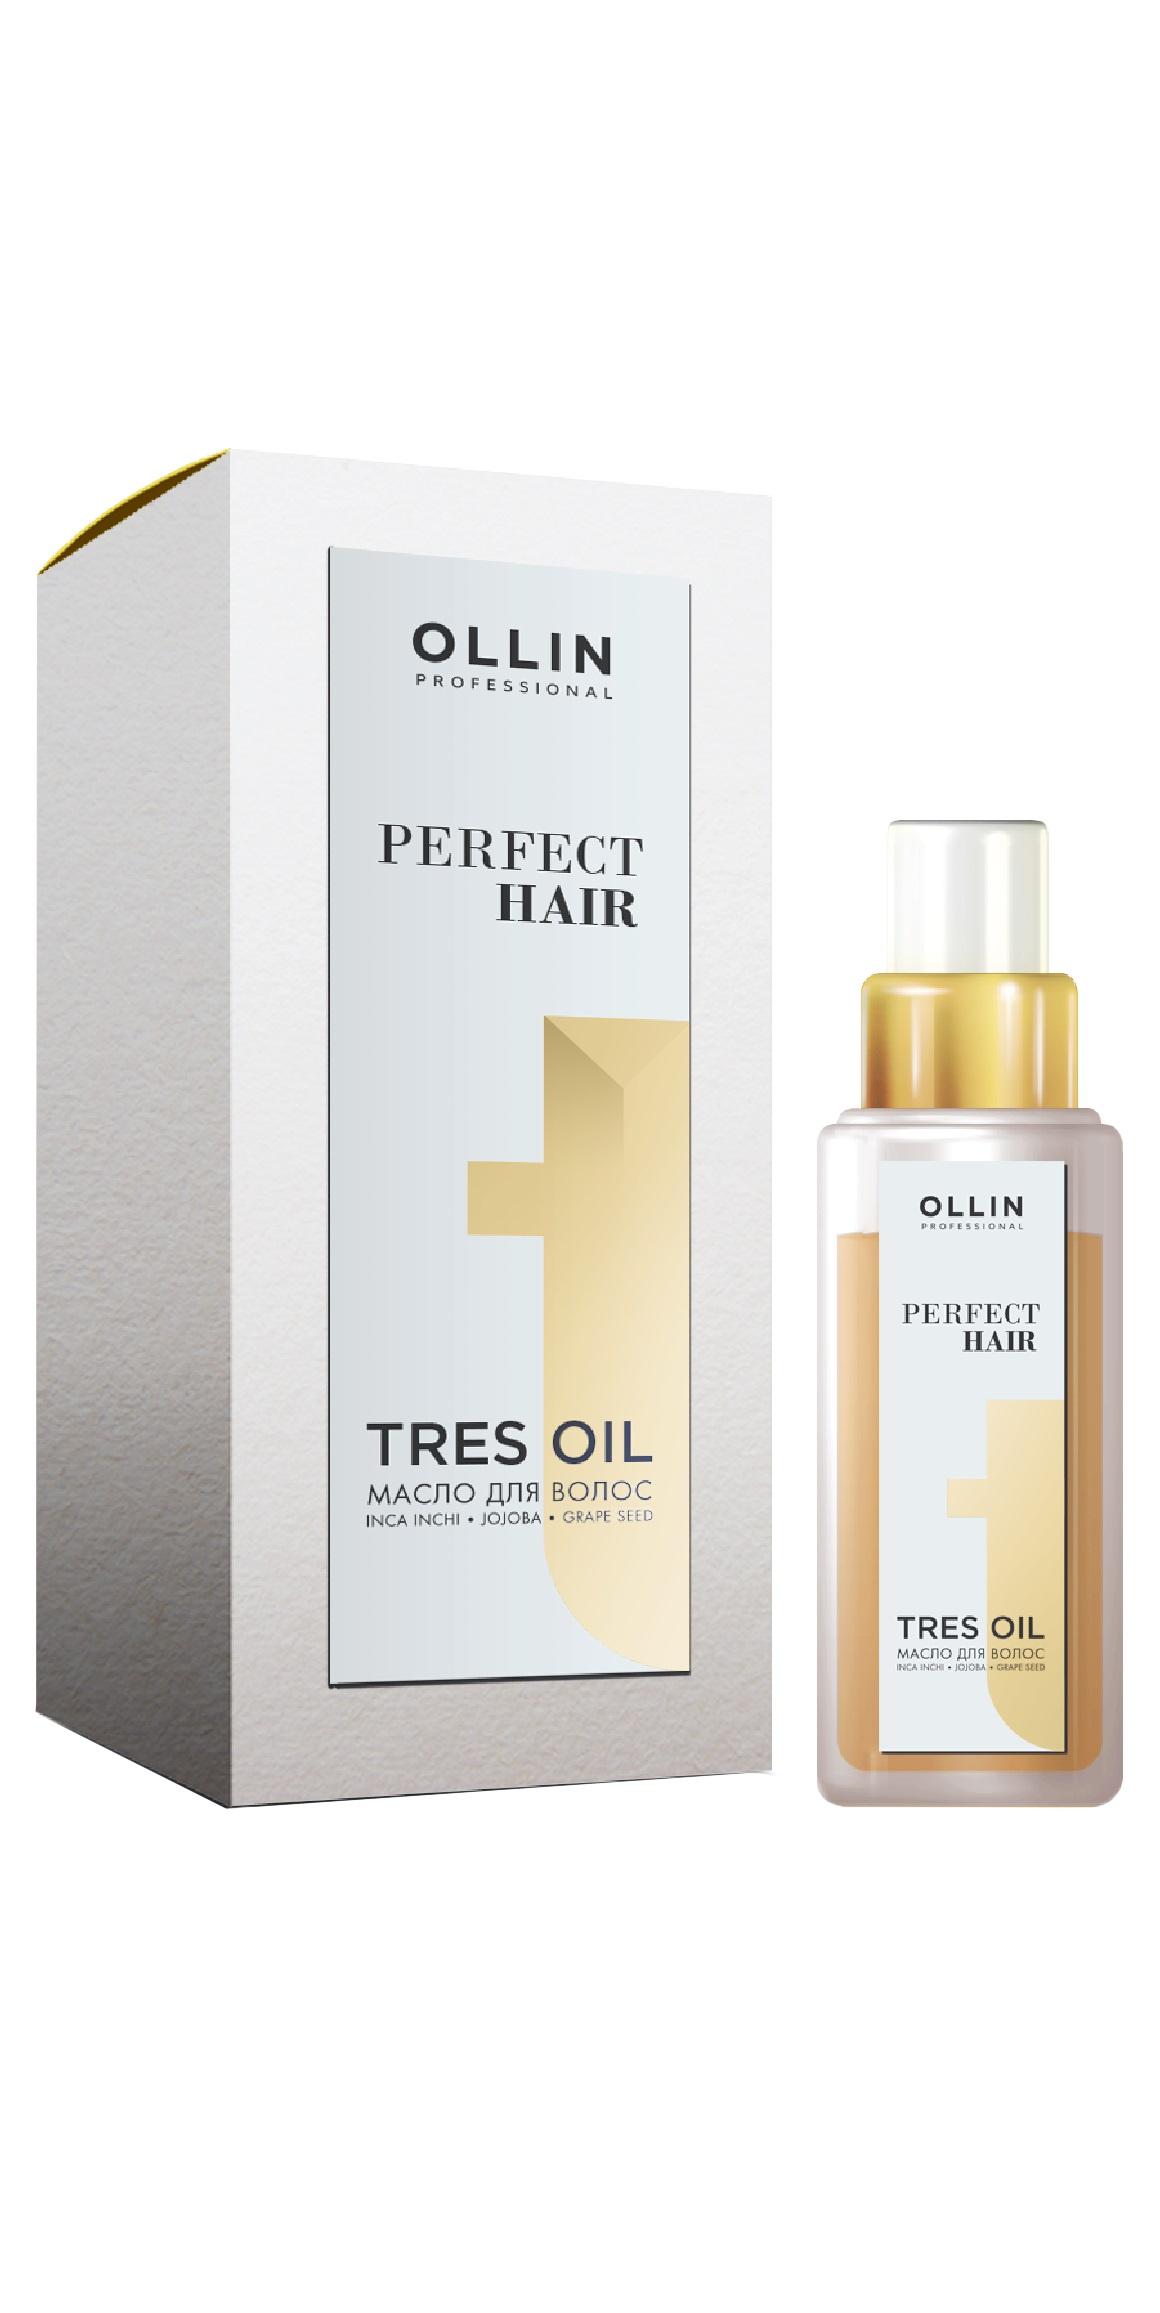 Масло для волос Ollin Professional PERFECT HAIR для увлажнения и питания tres oil 50 мл шампунь ollin professional perfect hair tres oil 400 мл